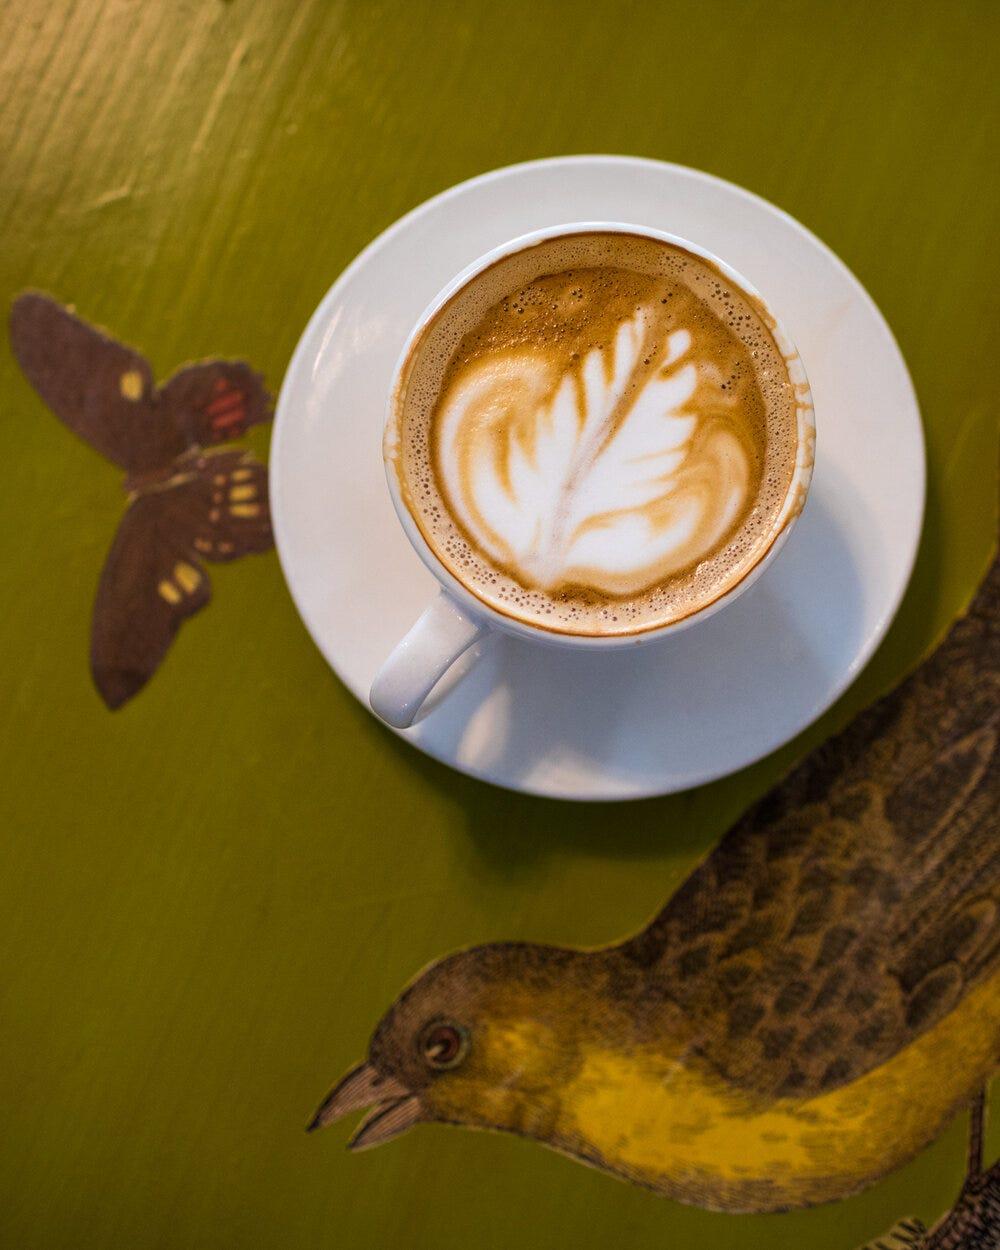 A latte at Amélie's Bakery.